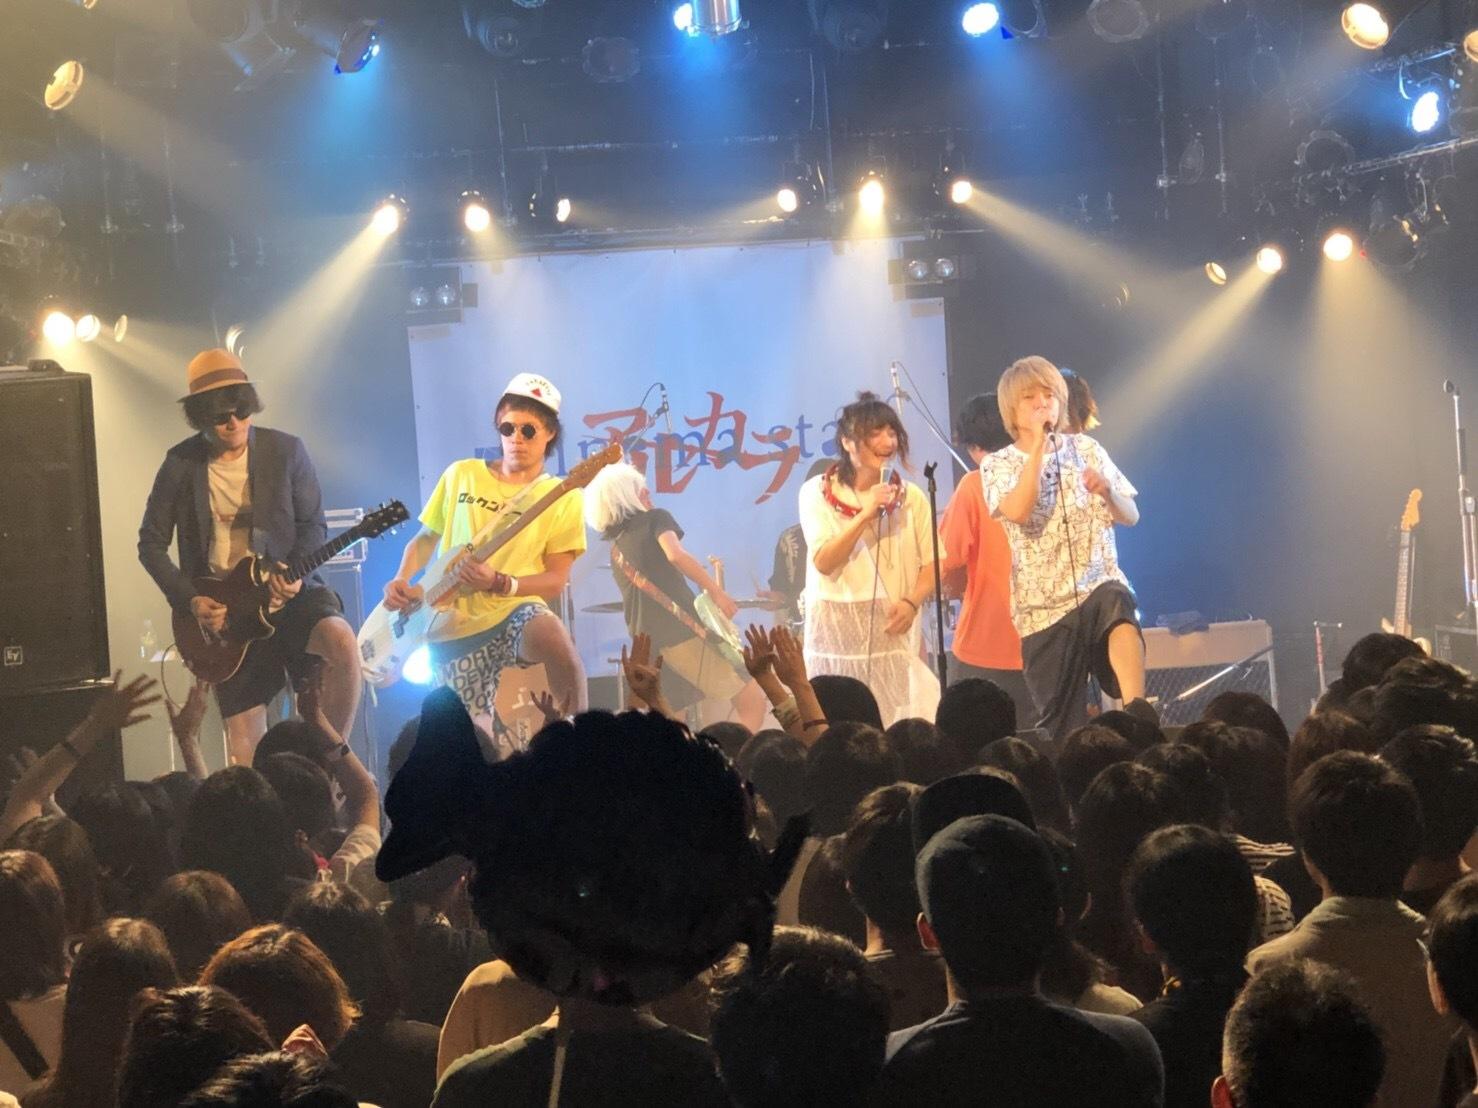 2018.8.30 仙台MACANA [cinema staff x アルカラ A.S.O.B.i Tour]_c0222904_03311491.jpg